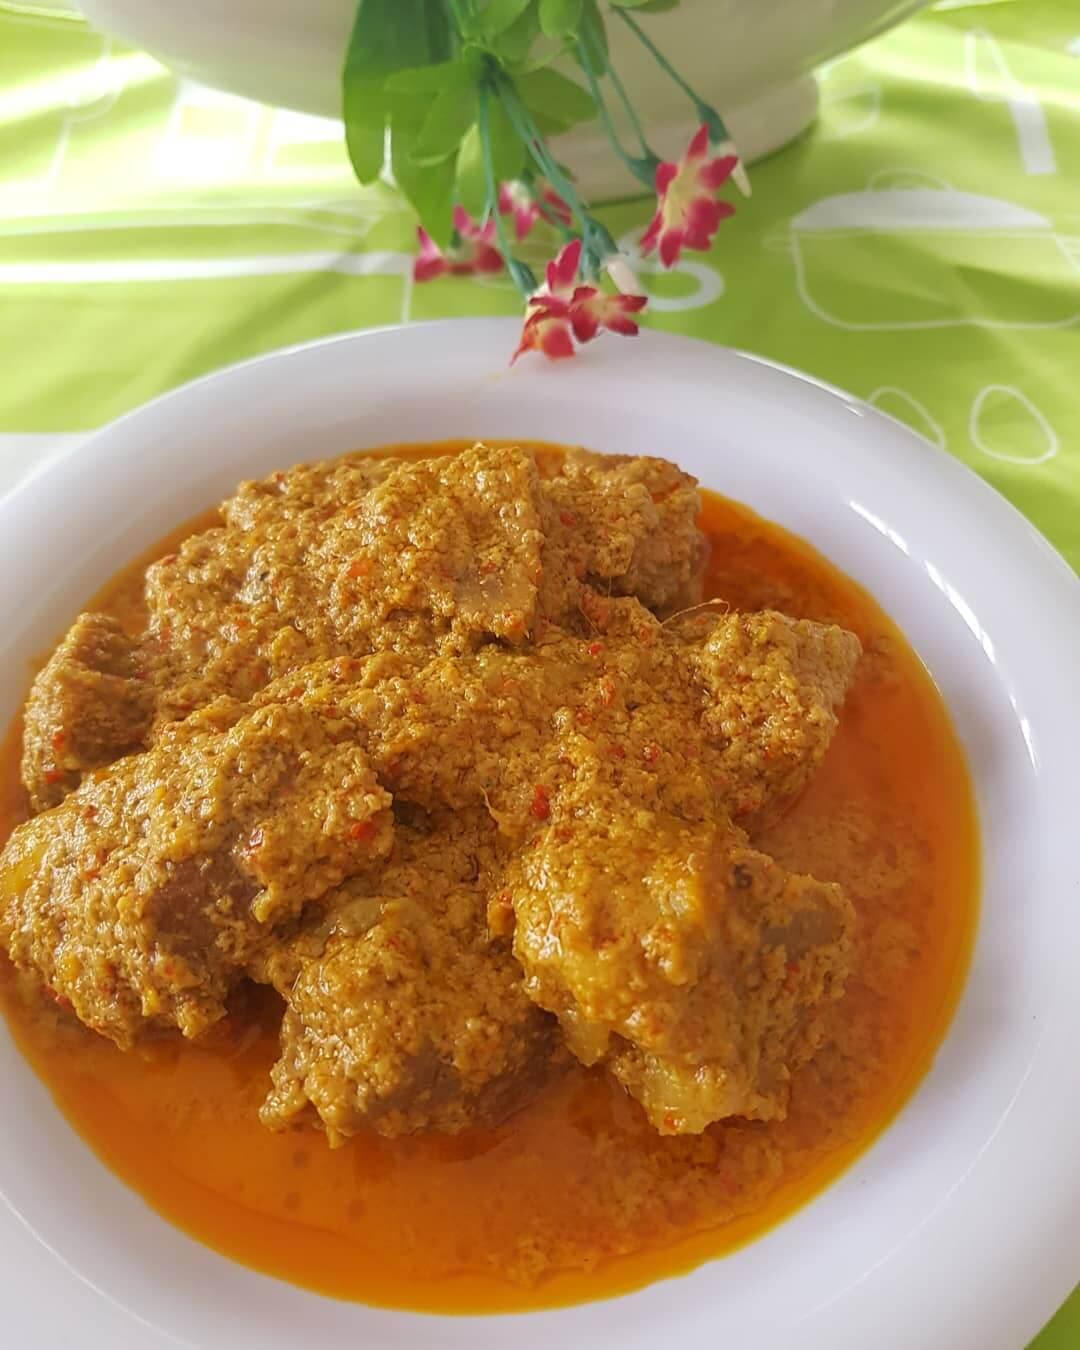 kalio daging khas sumatera barat